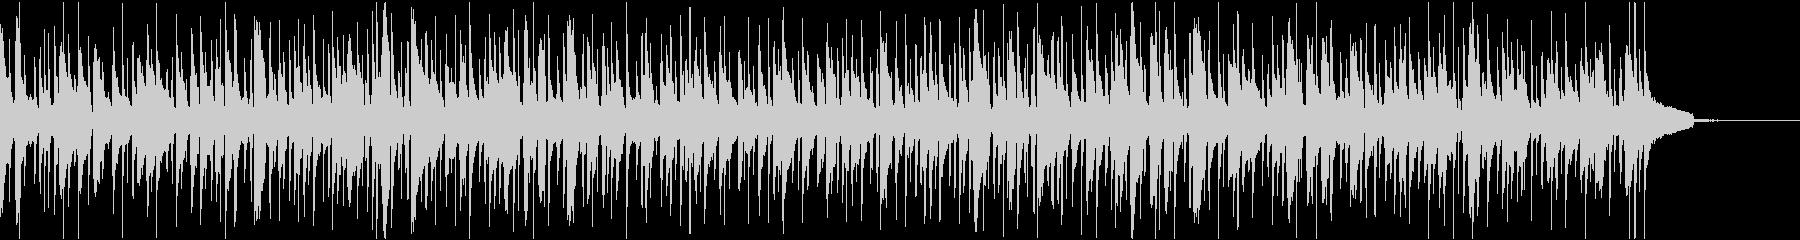 ゆったりとしたボサノヴァ_フルートなしの未再生の波形